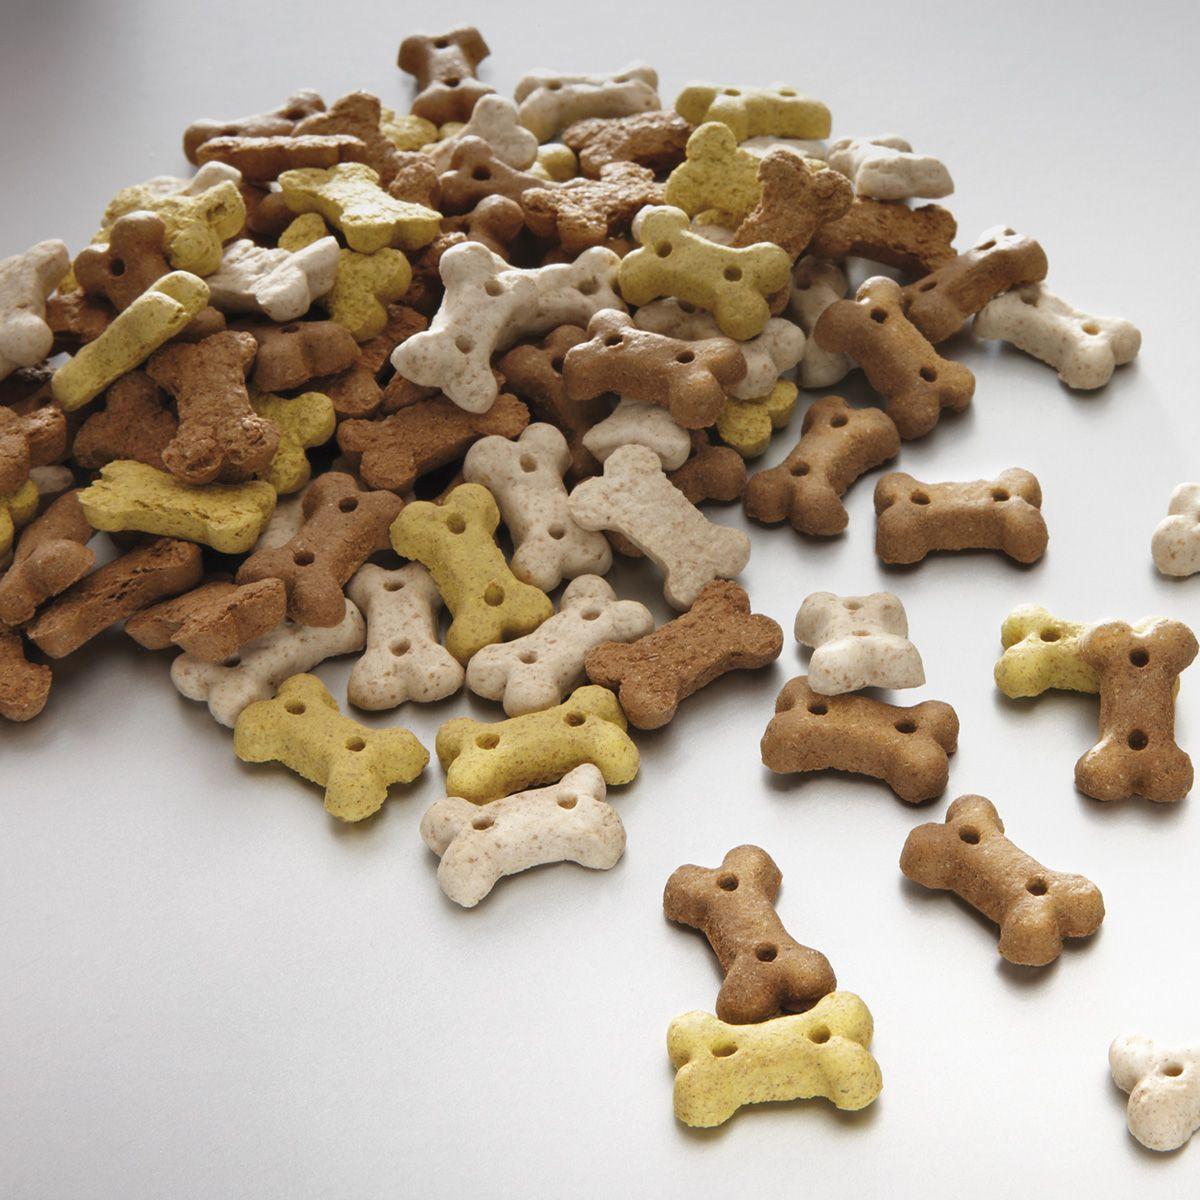 Лакомство для собак Meradog Puppy Knochen Mix, щенячье удовольствие, 10 кг43410Печенье (лакомства) для собак. Как вознаграждение, а также дополнение к основному рациону собак